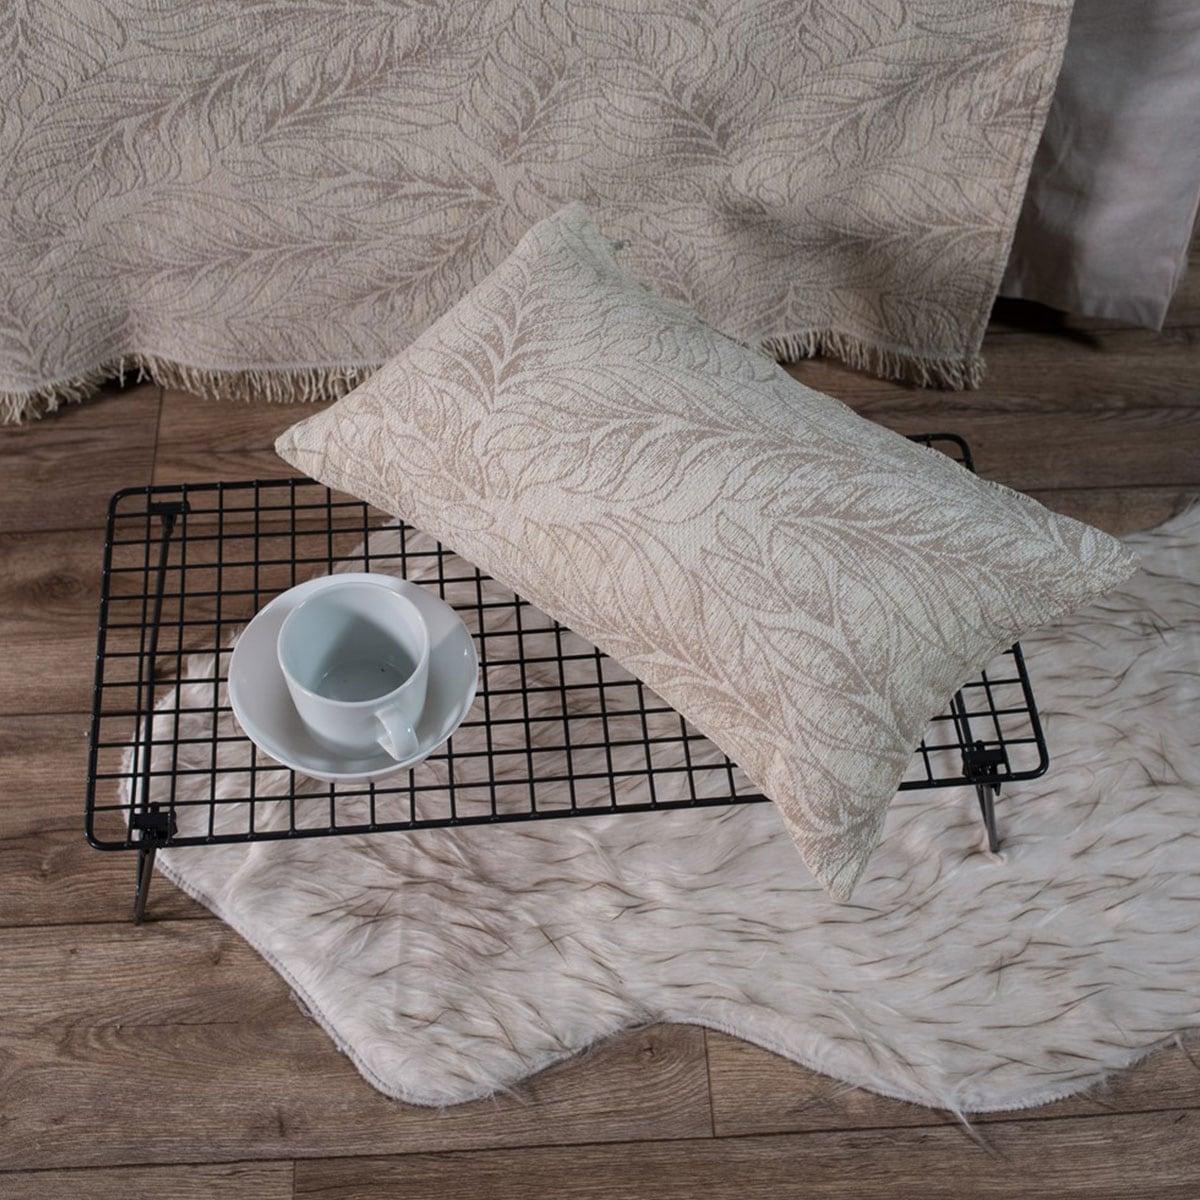 Μαξιλάρι Διακοσμητικό (Με Γέμιση) Illinois 01 Ecru Teoran 30Χ50 Ακρυλικό-Polyester